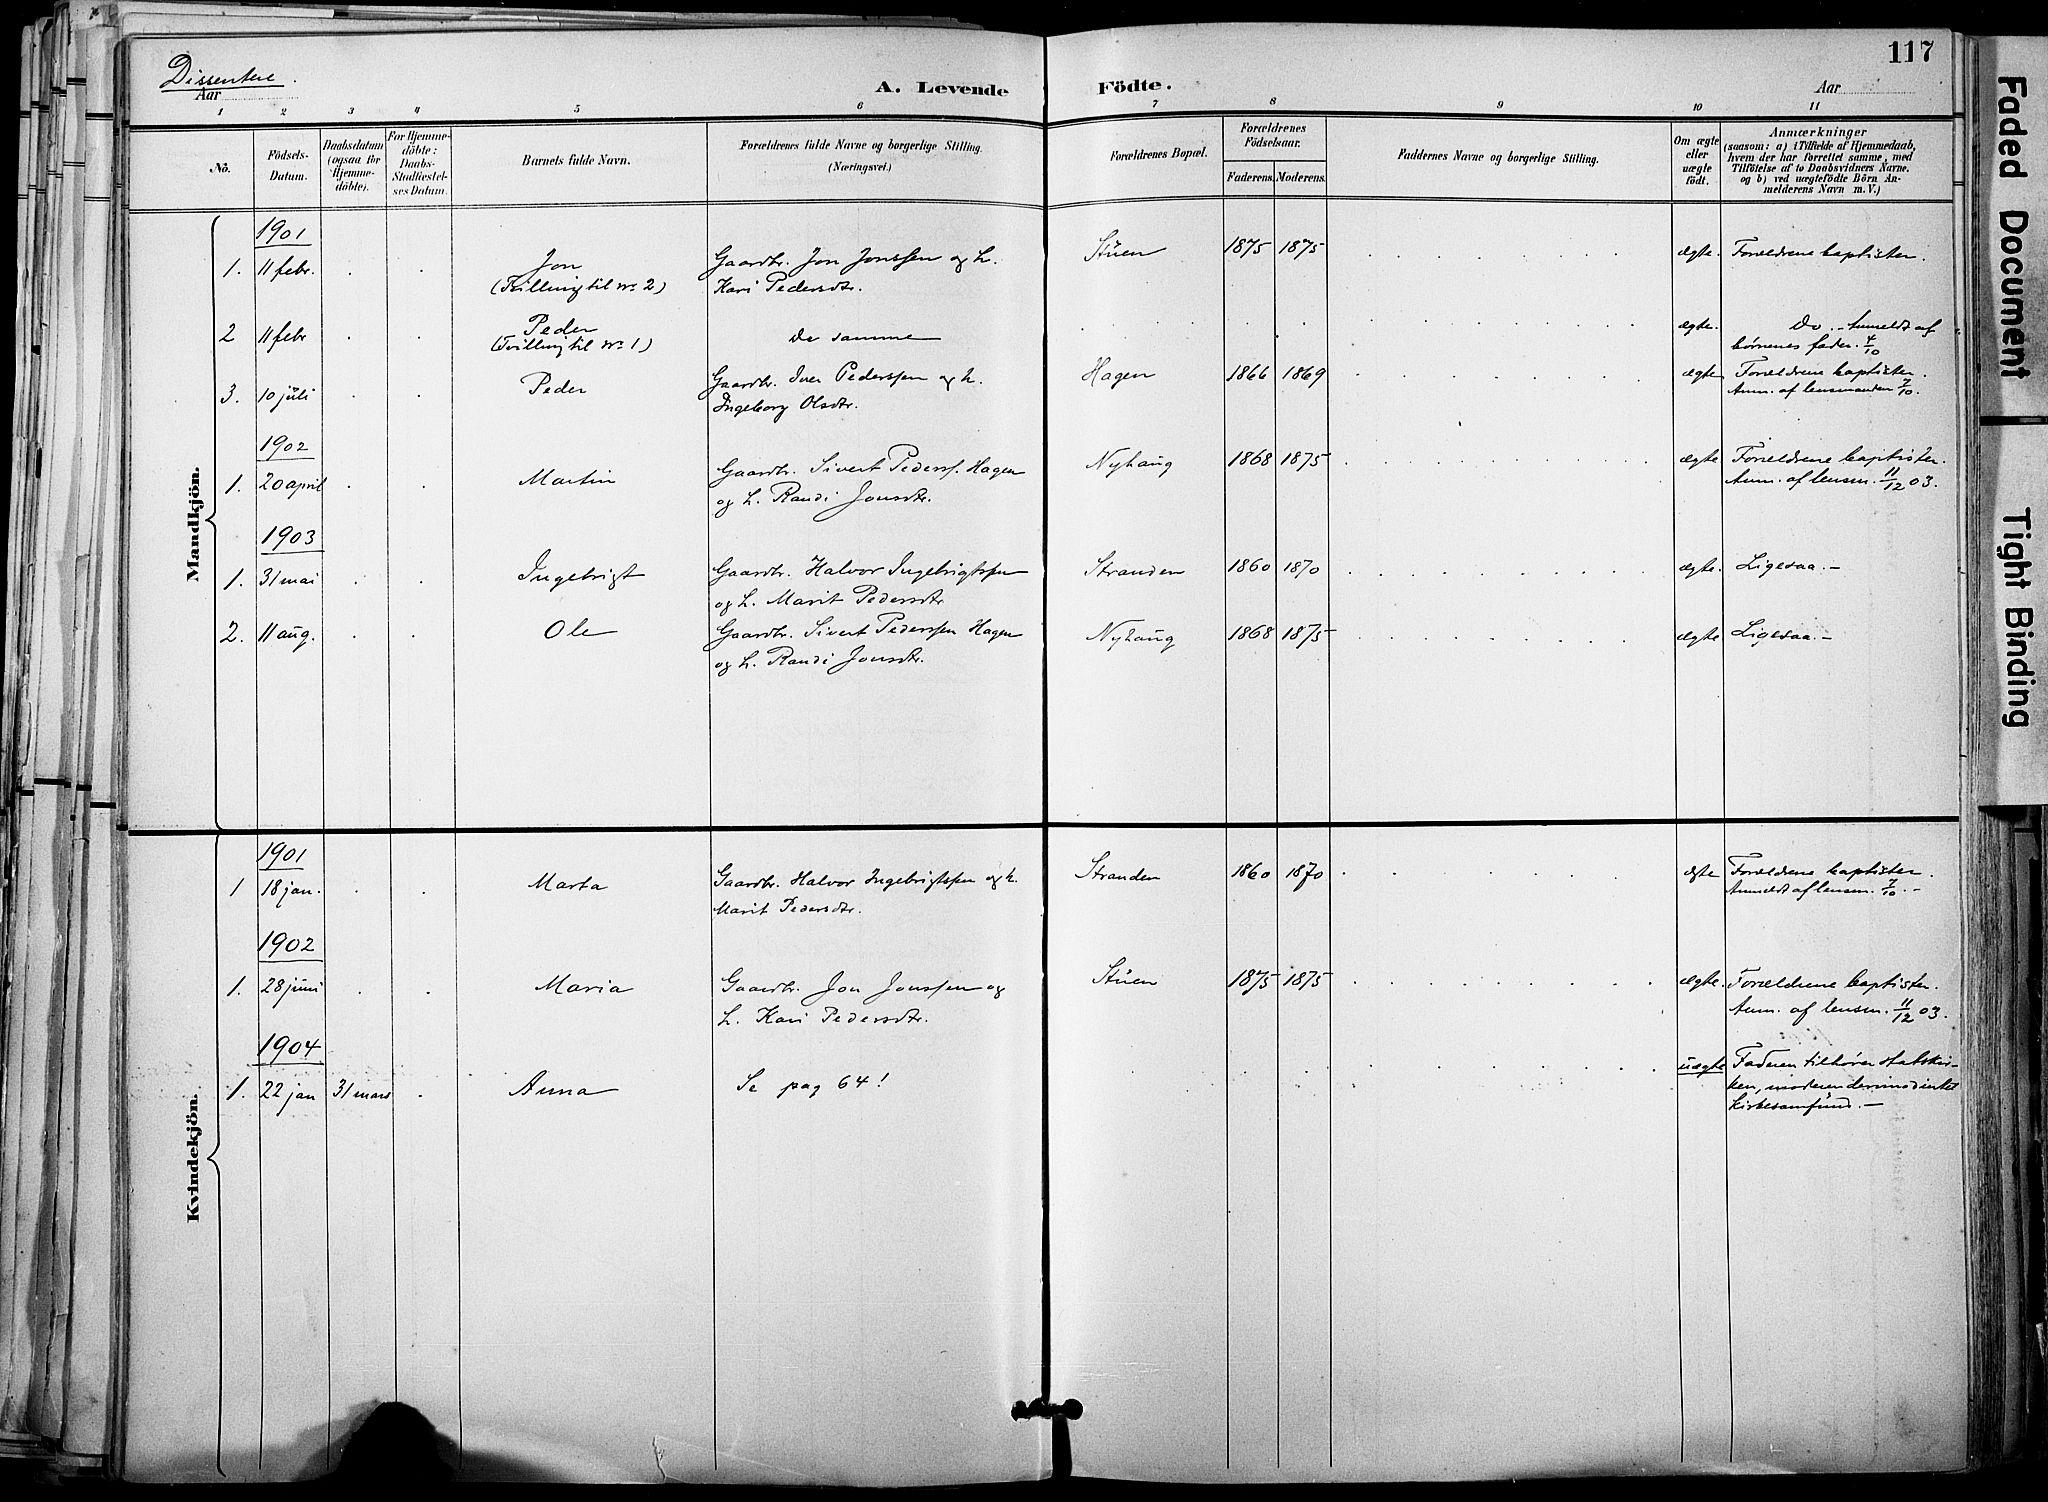 SAT, Ministerialprotokoller, klokkerbøker og fødselsregistre - Sør-Trøndelag, 678/L0902: Ministerialbok nr. 678A11, 1895-1911, s. 117